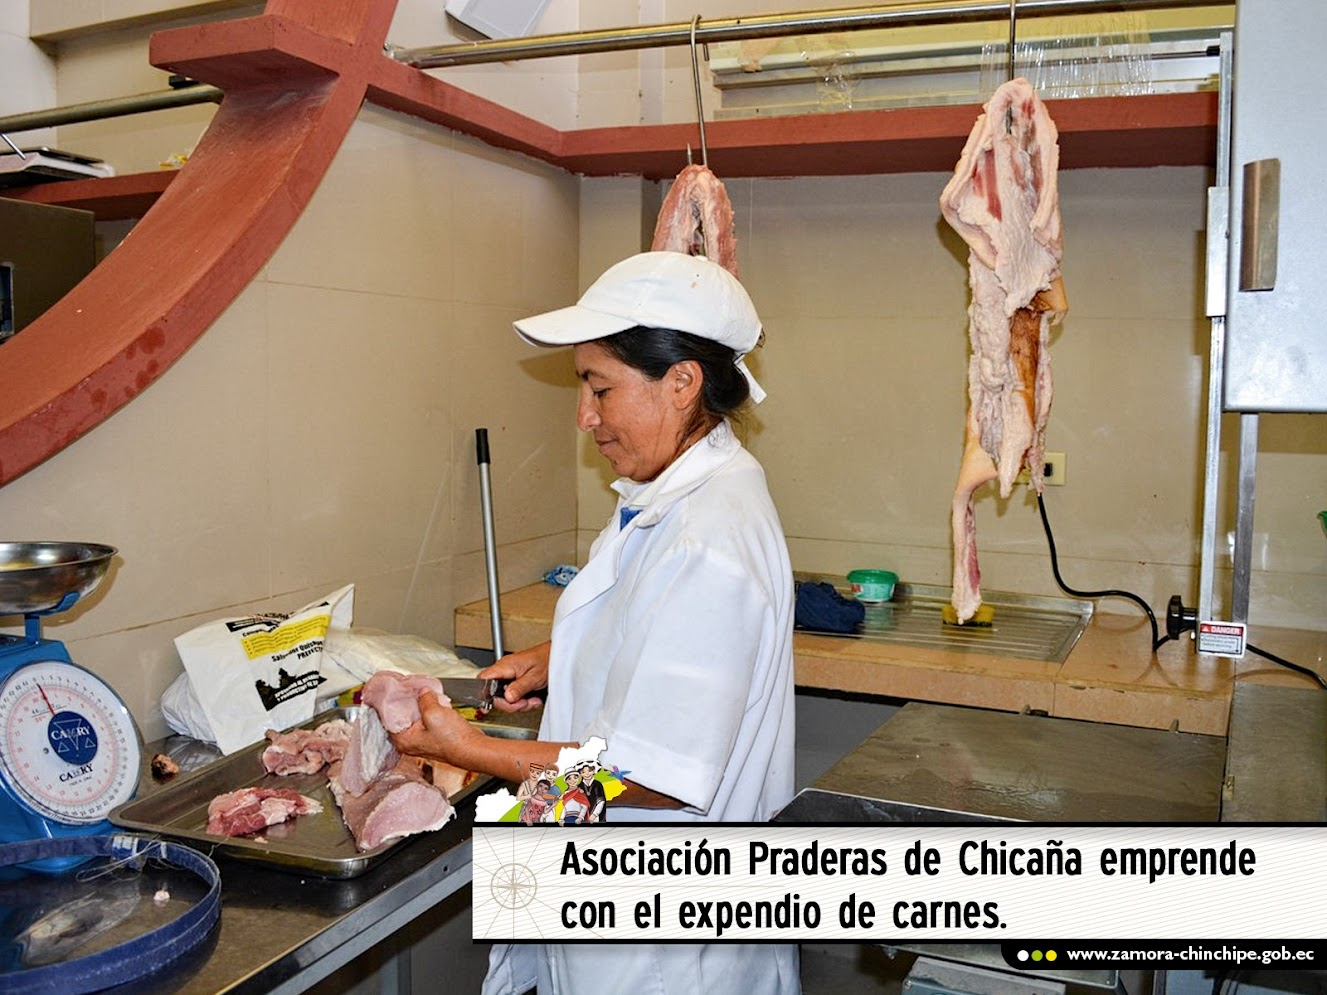 ASOCIACIÓN PRADERAS DE CHICAÑA EMPRENDE CON EL EXPENDIO DE CARNES.